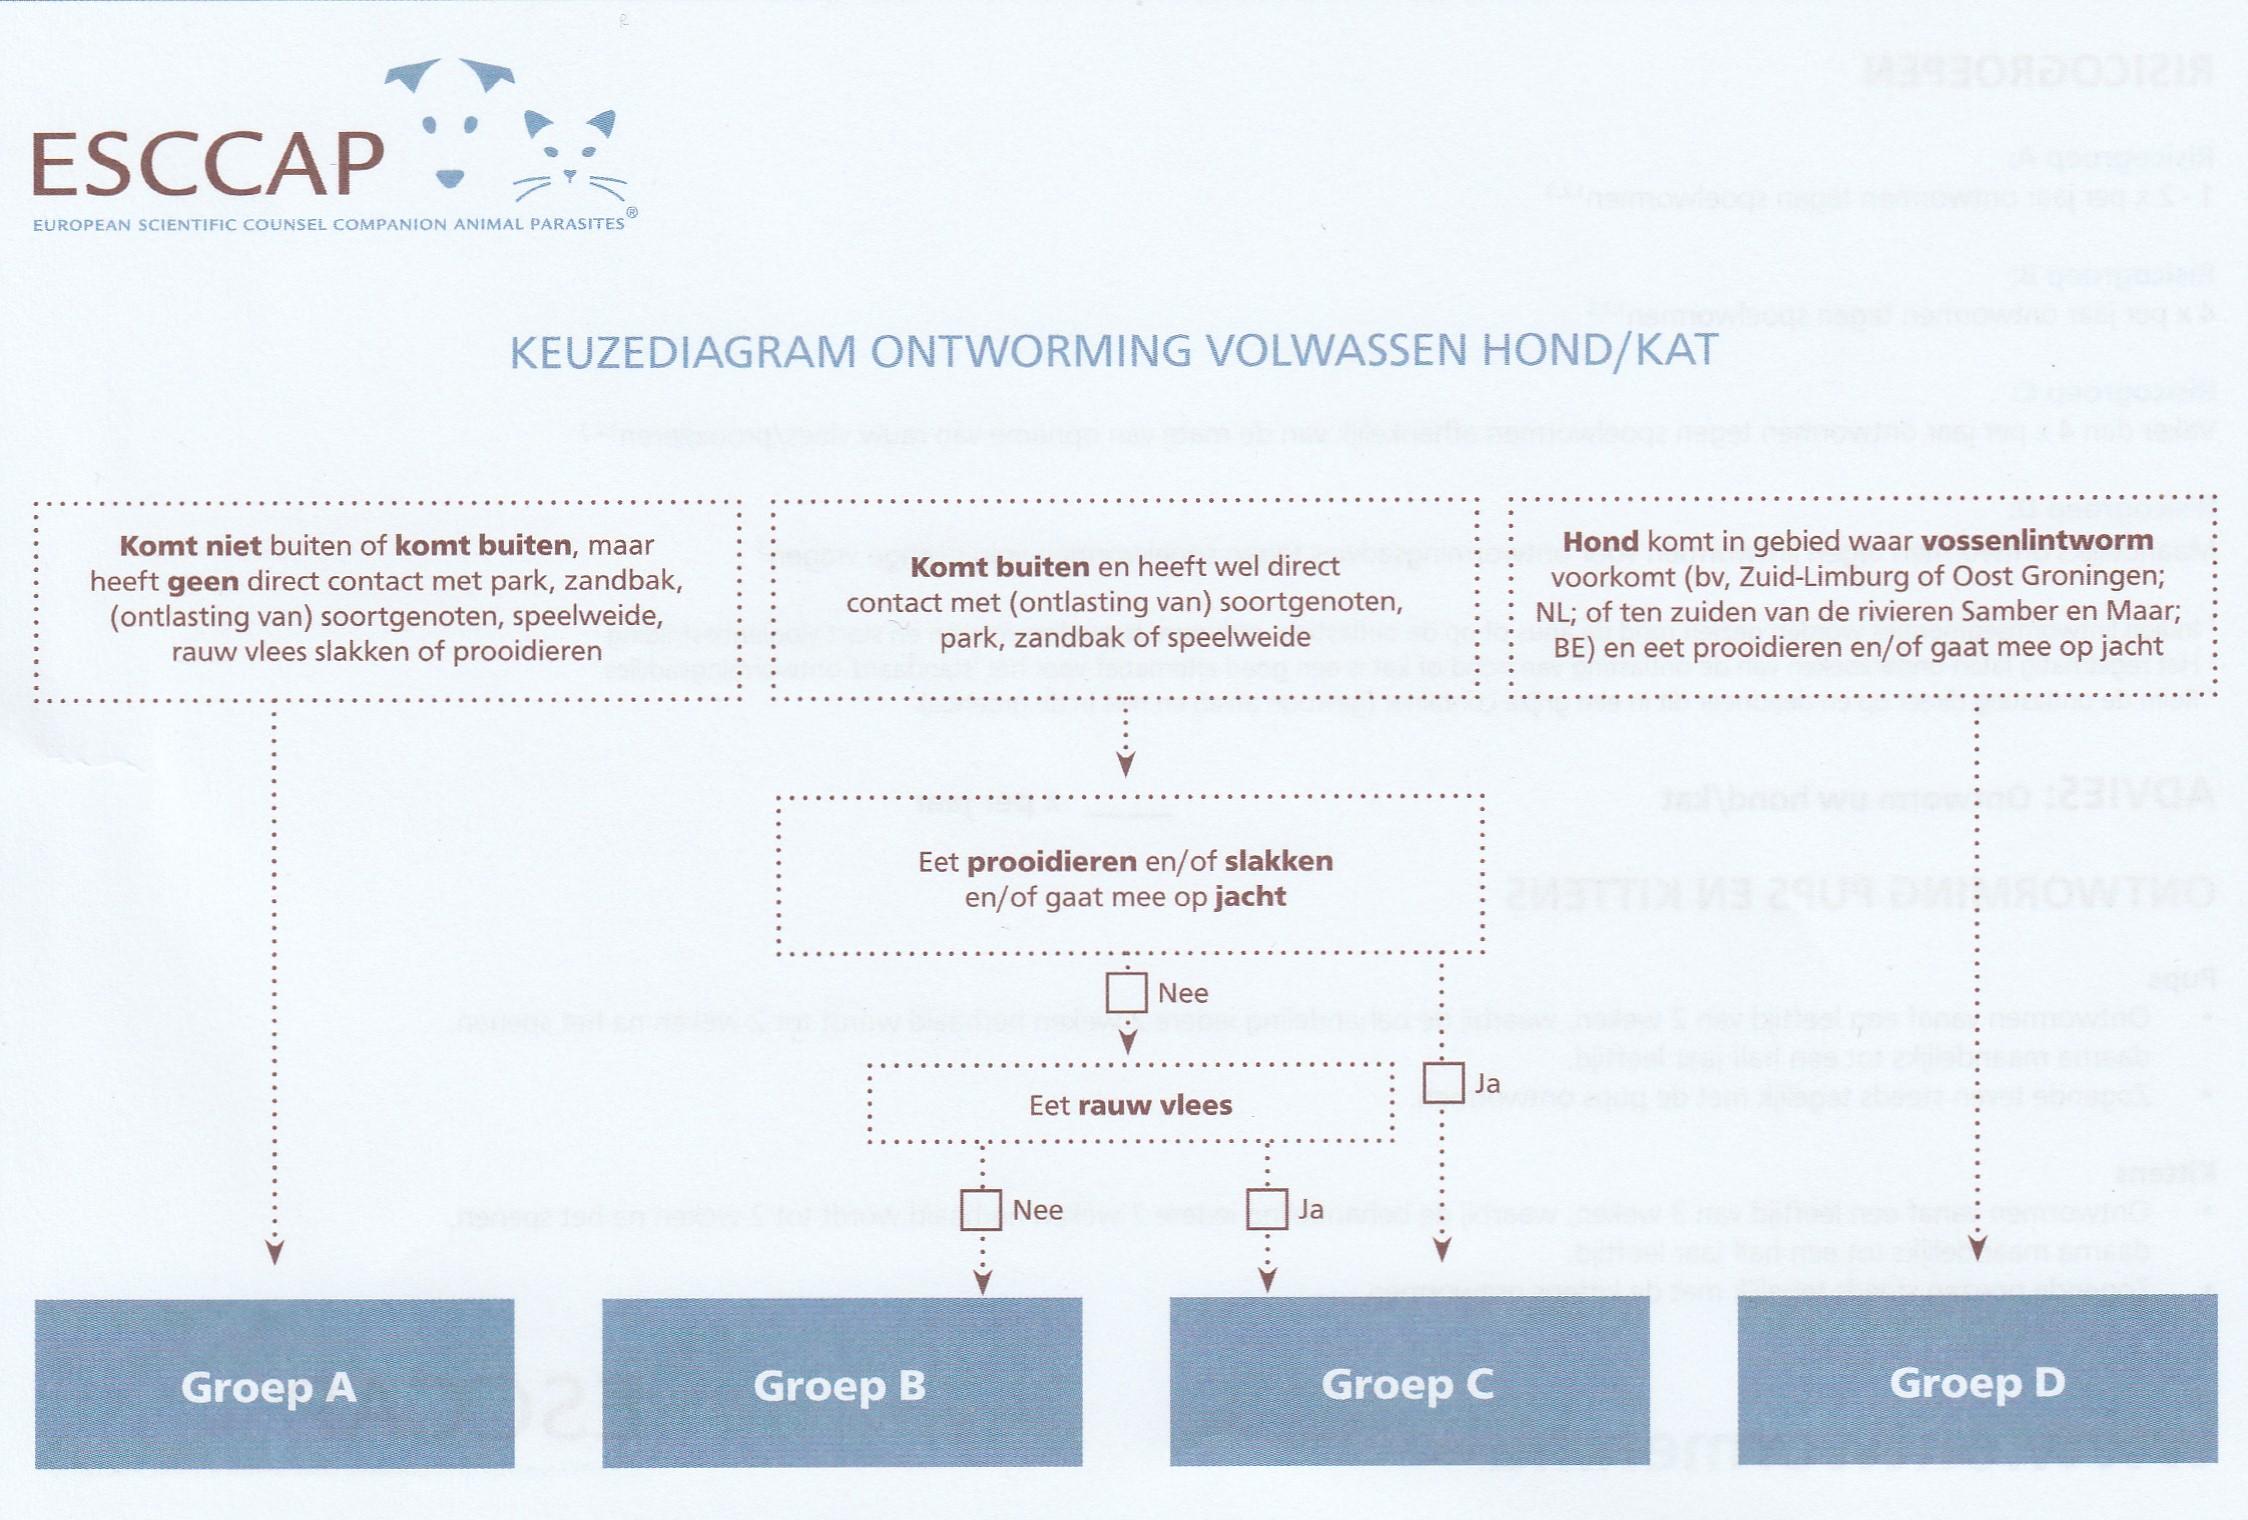 ESCCAP ontwormingsschema 1